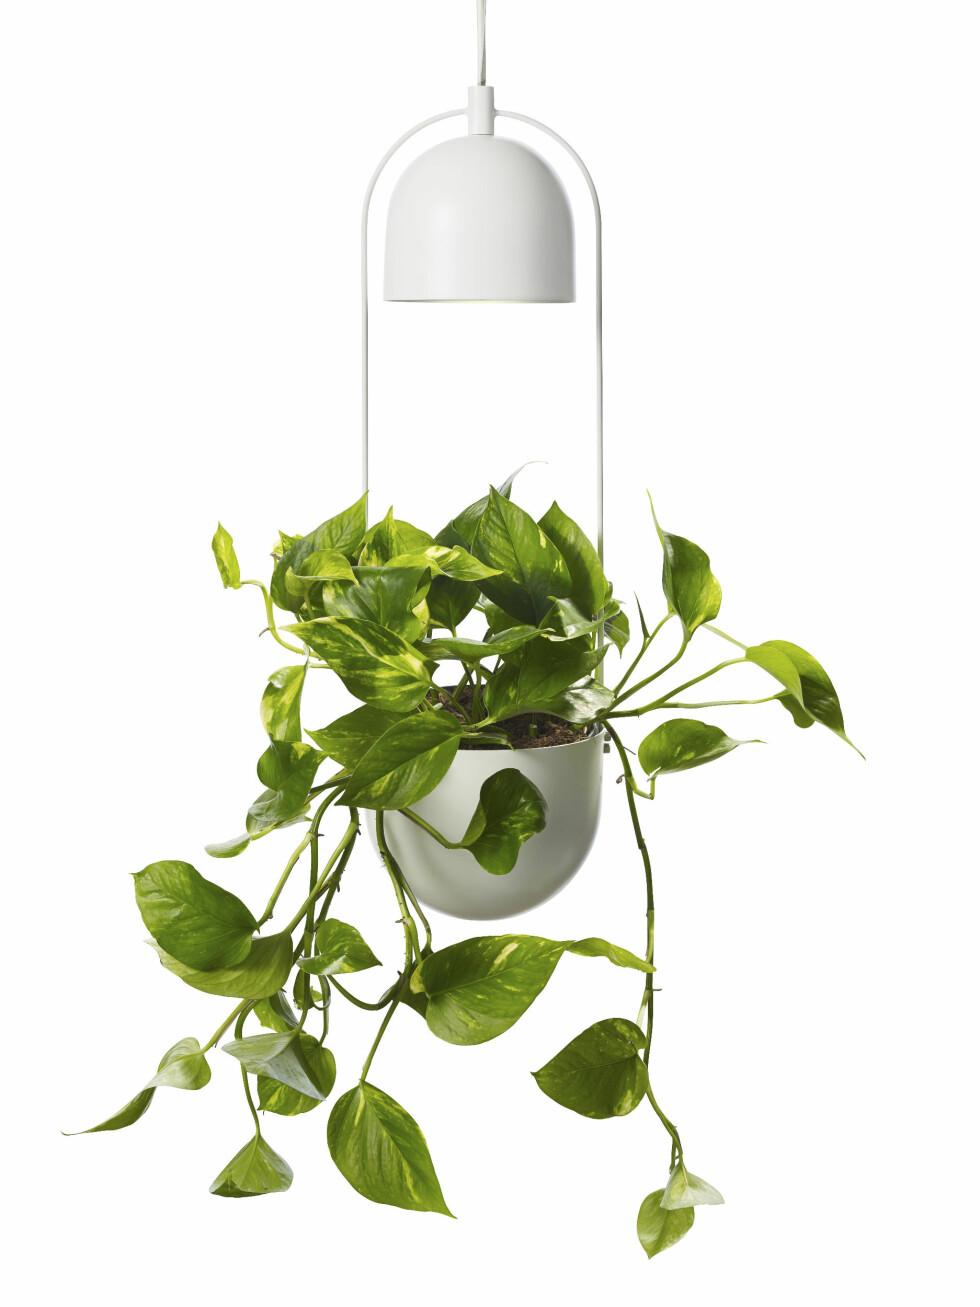 Potte med belysning (kr 400, Plantasjen).